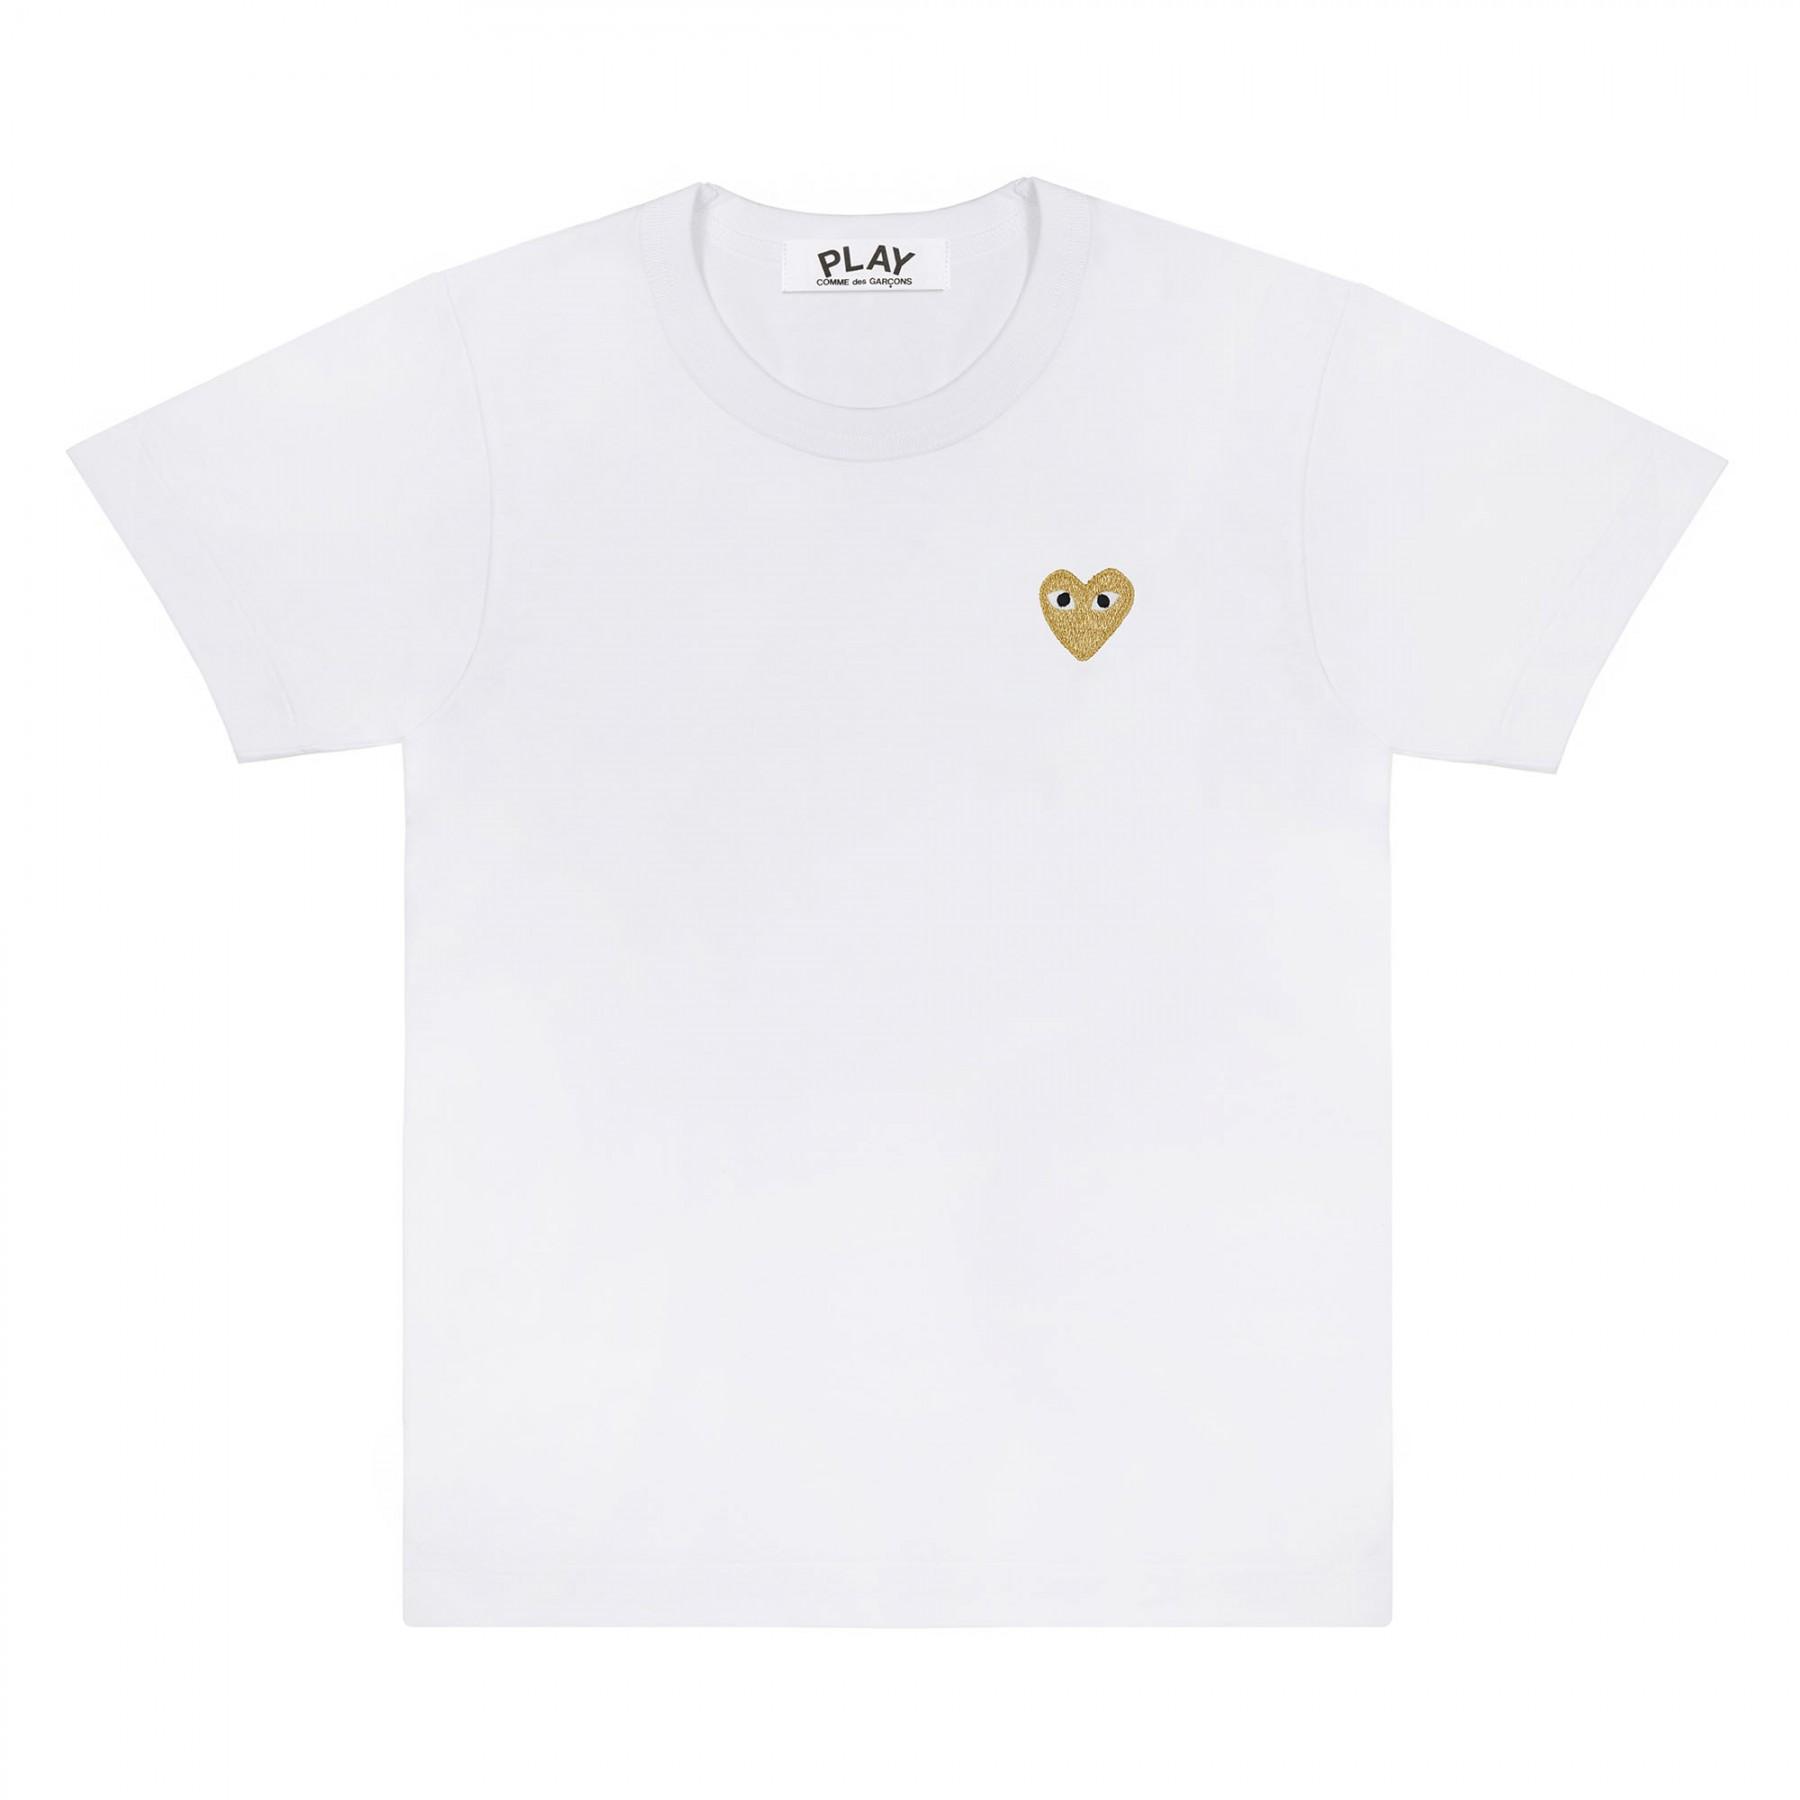 꼼데가르송 PLAY 화이트 티셔츠 원포인트 골드하트 (남성)